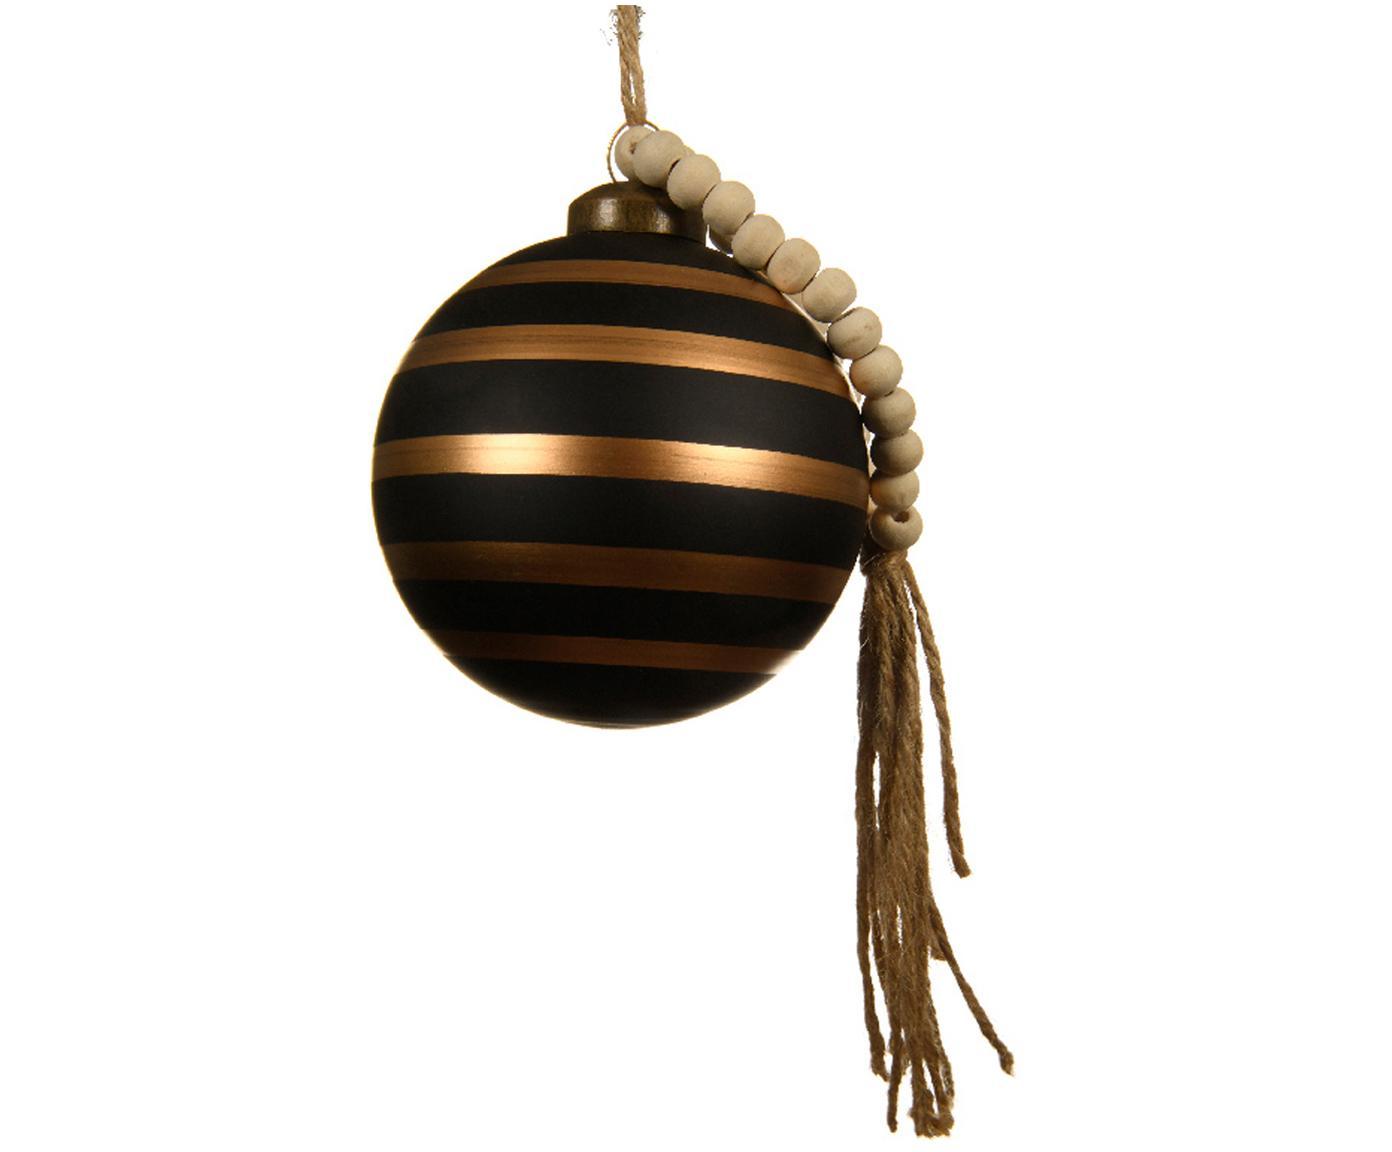 Kerstballen Gold Lines, 2 stuks, Zwart, bruin, Ø 8 cm